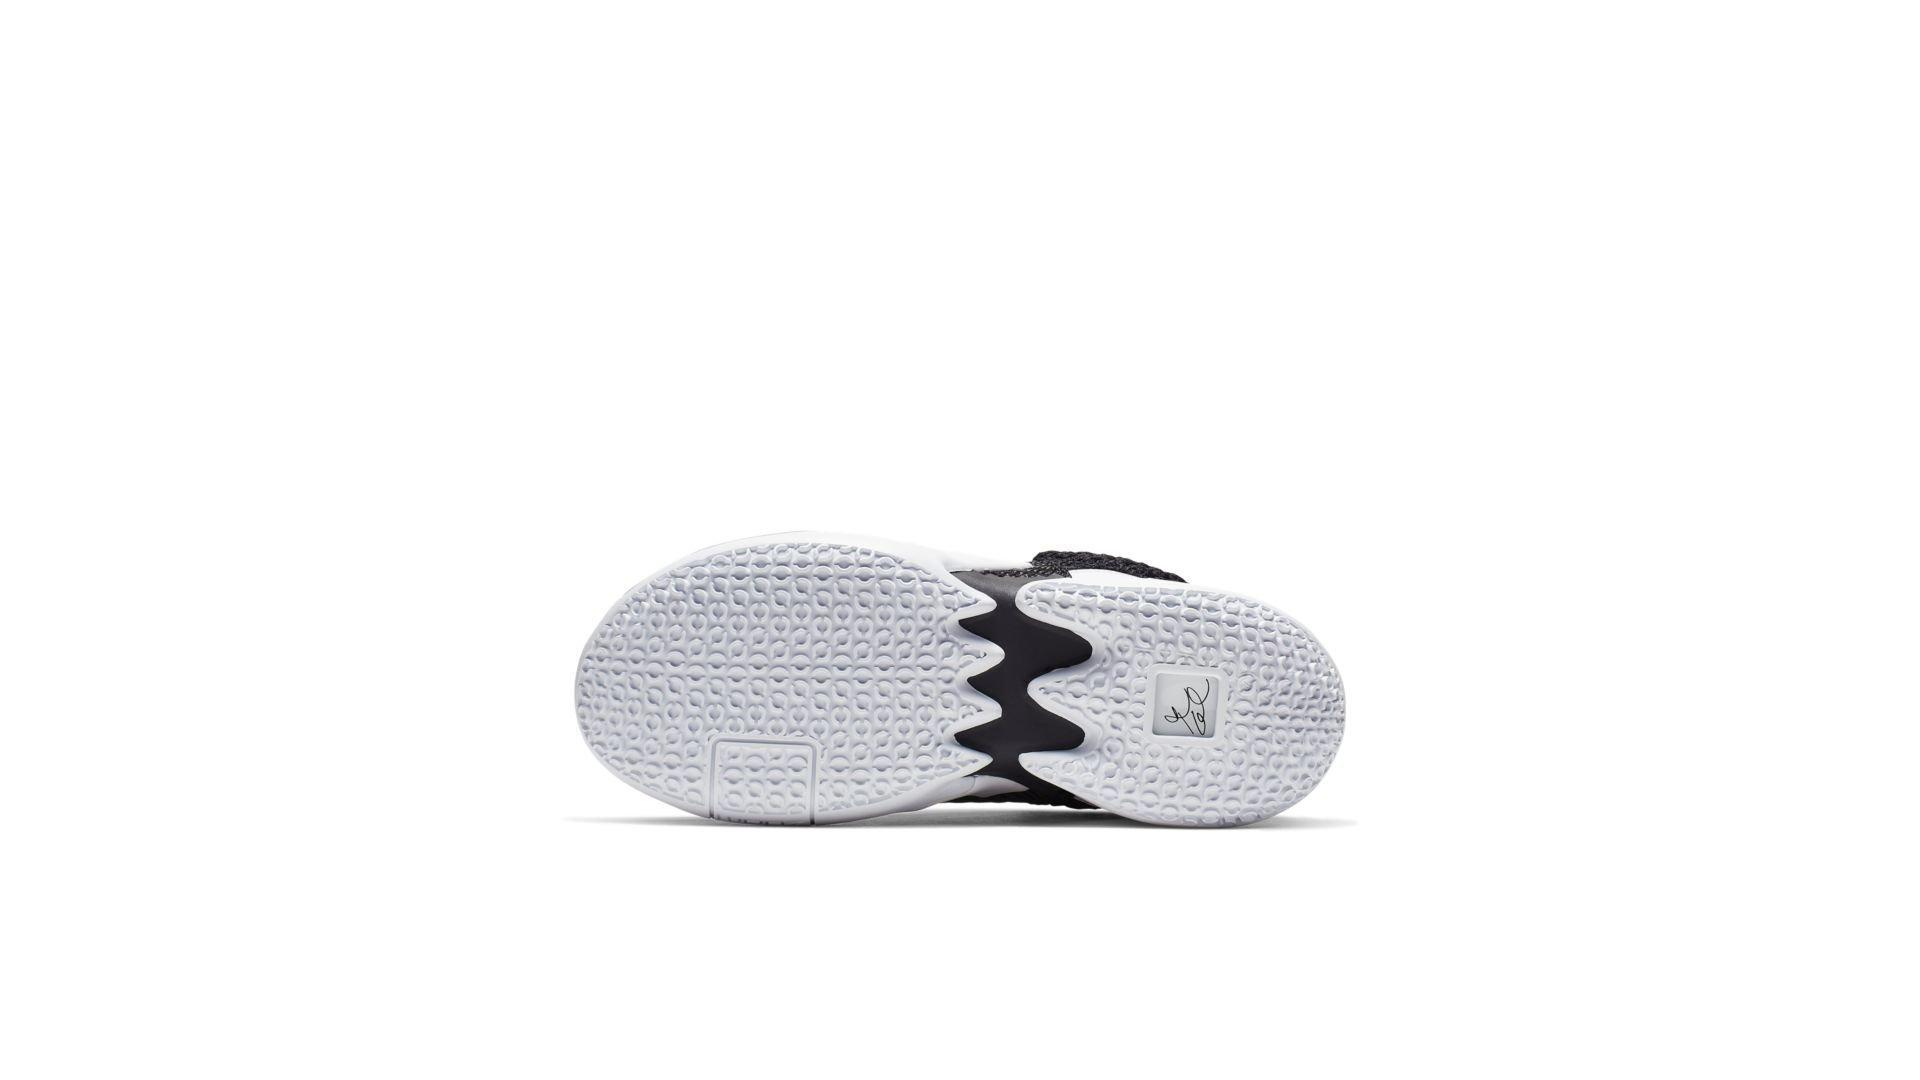 Jordan Why Not 0.2 Black White (GS) (AO6218-001)